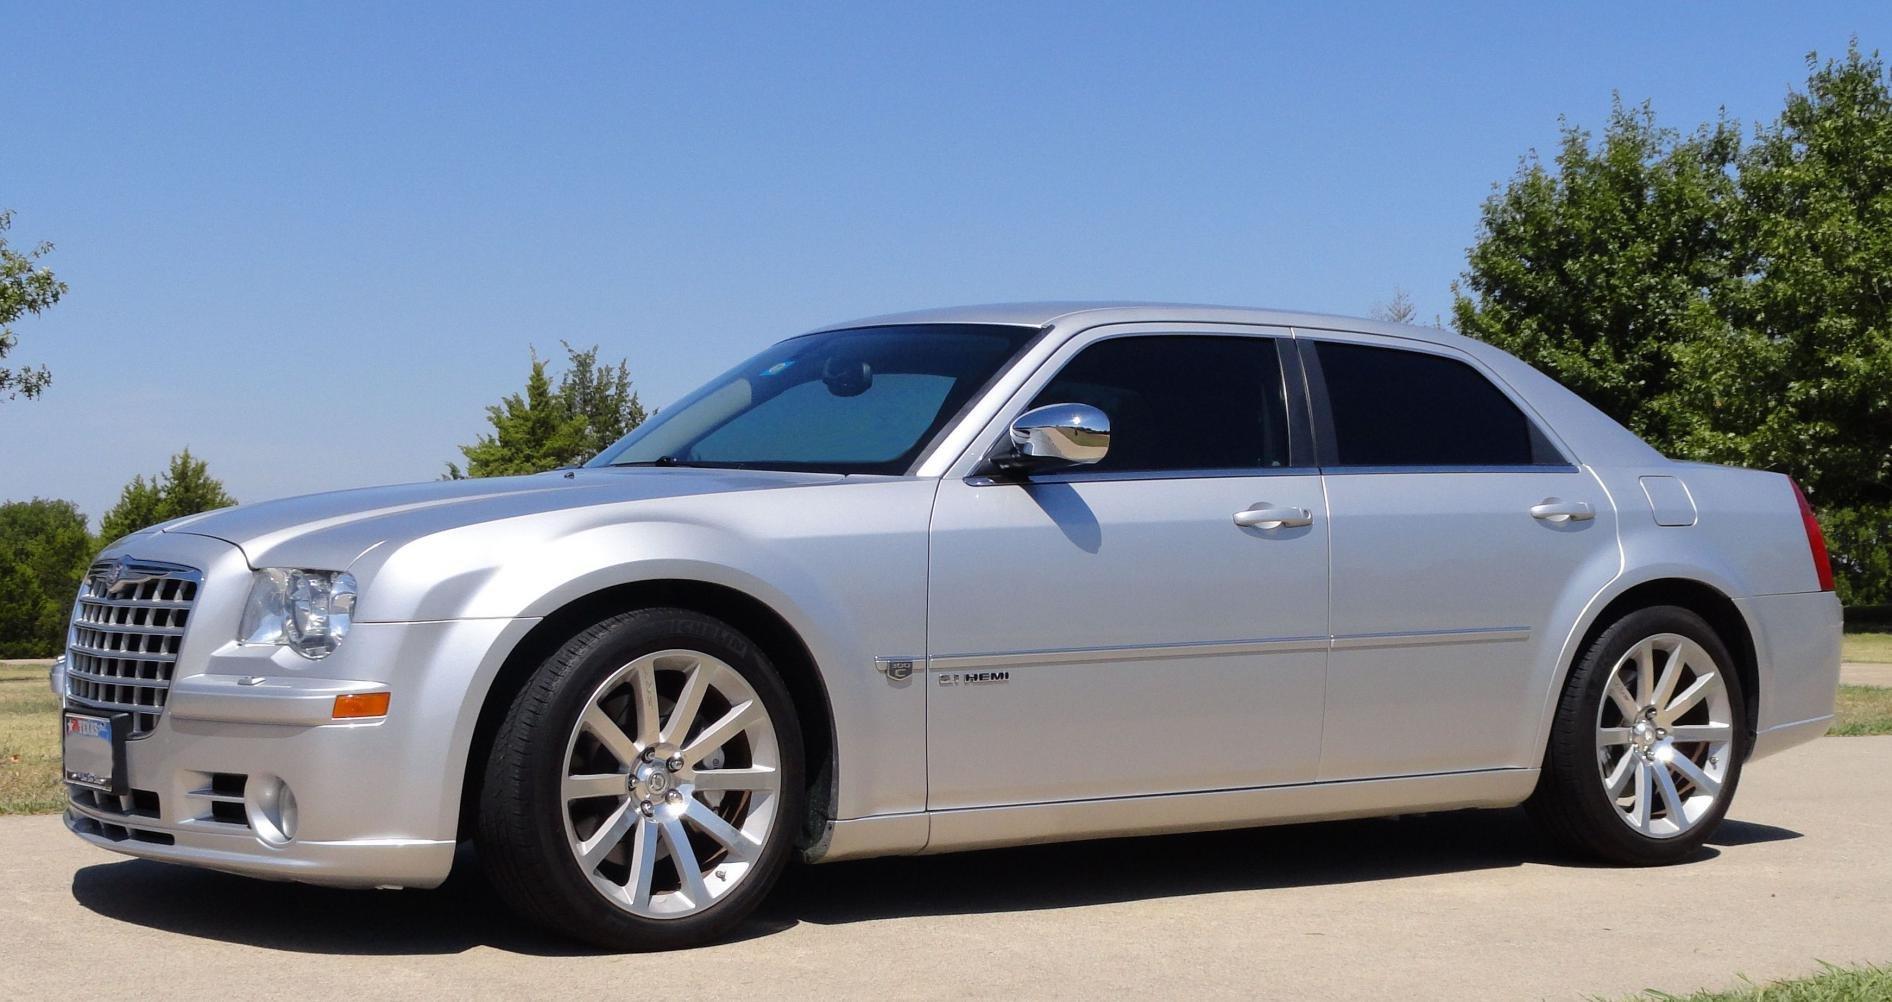 EXPIRED 2006 Chrysler 300C SRT8 61L 425hp HEMI Very